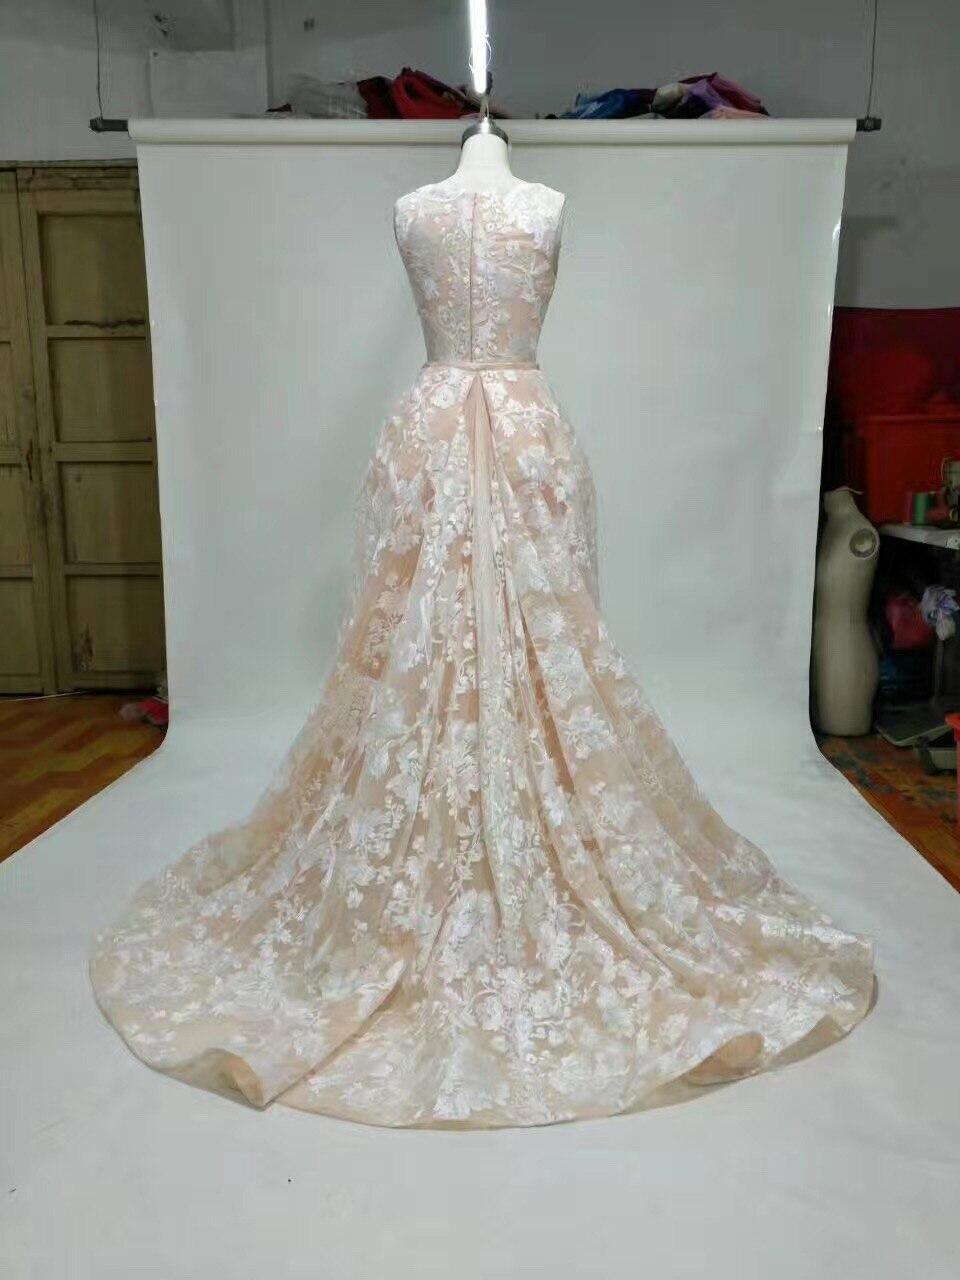 Großzügig Einfache Elegante Hochzeitskleider Ideen - Hochzeit Kleid ...